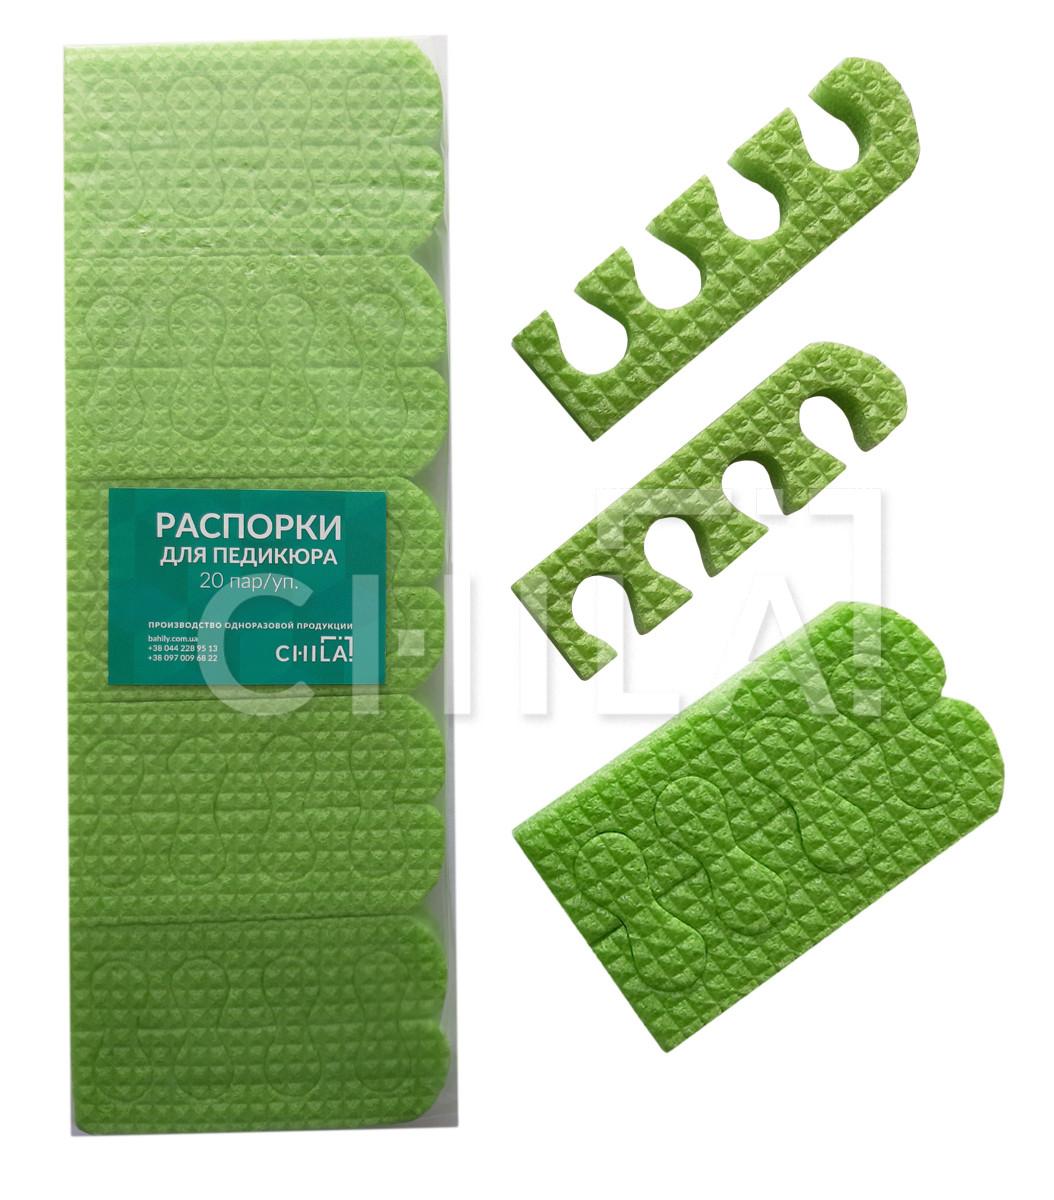 Распорки для педикюра (разделитель для пальцев) Зеленые